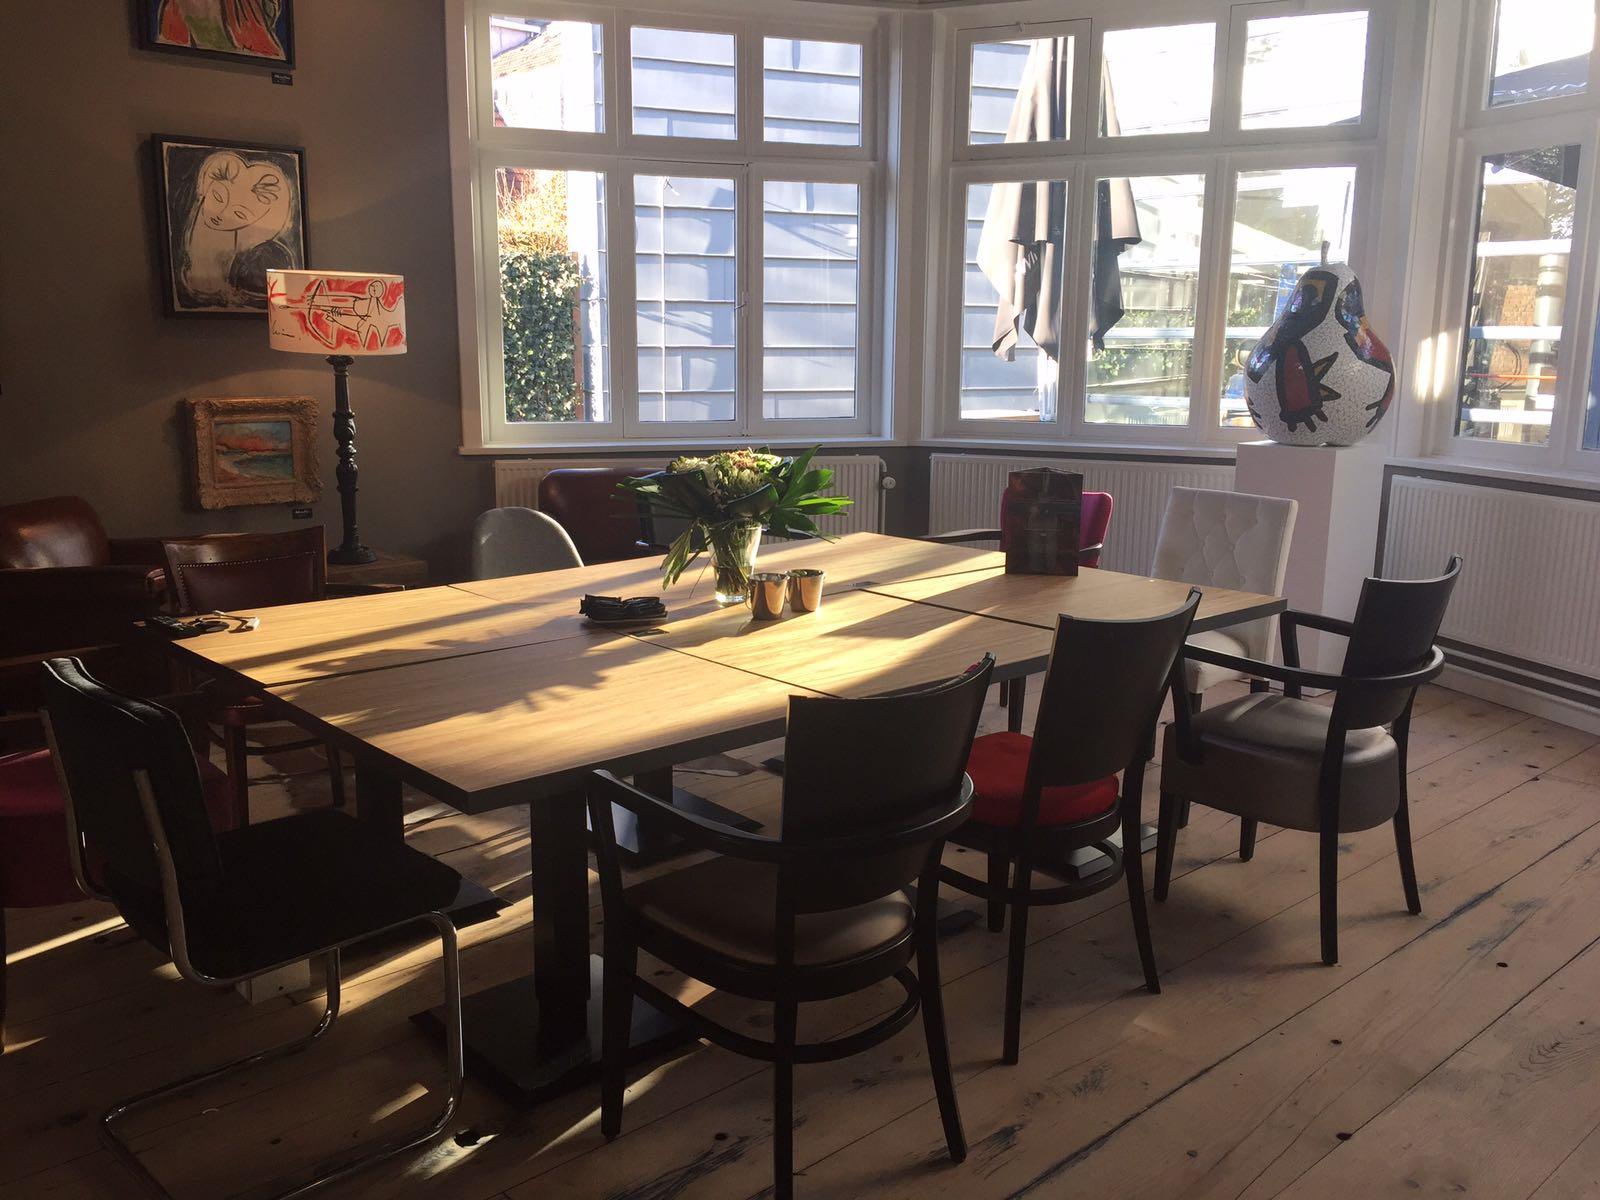 Per dagdeel vanaf €195,- Vergaderen, presenteren, brainstormen en/of privaat dineren in een unieke en sfeervolle huiskameromgeving. Geschikt voor 2 tot 20 personen. Prijs incl. gebruik van wifi en audio-/videoapparatuur.